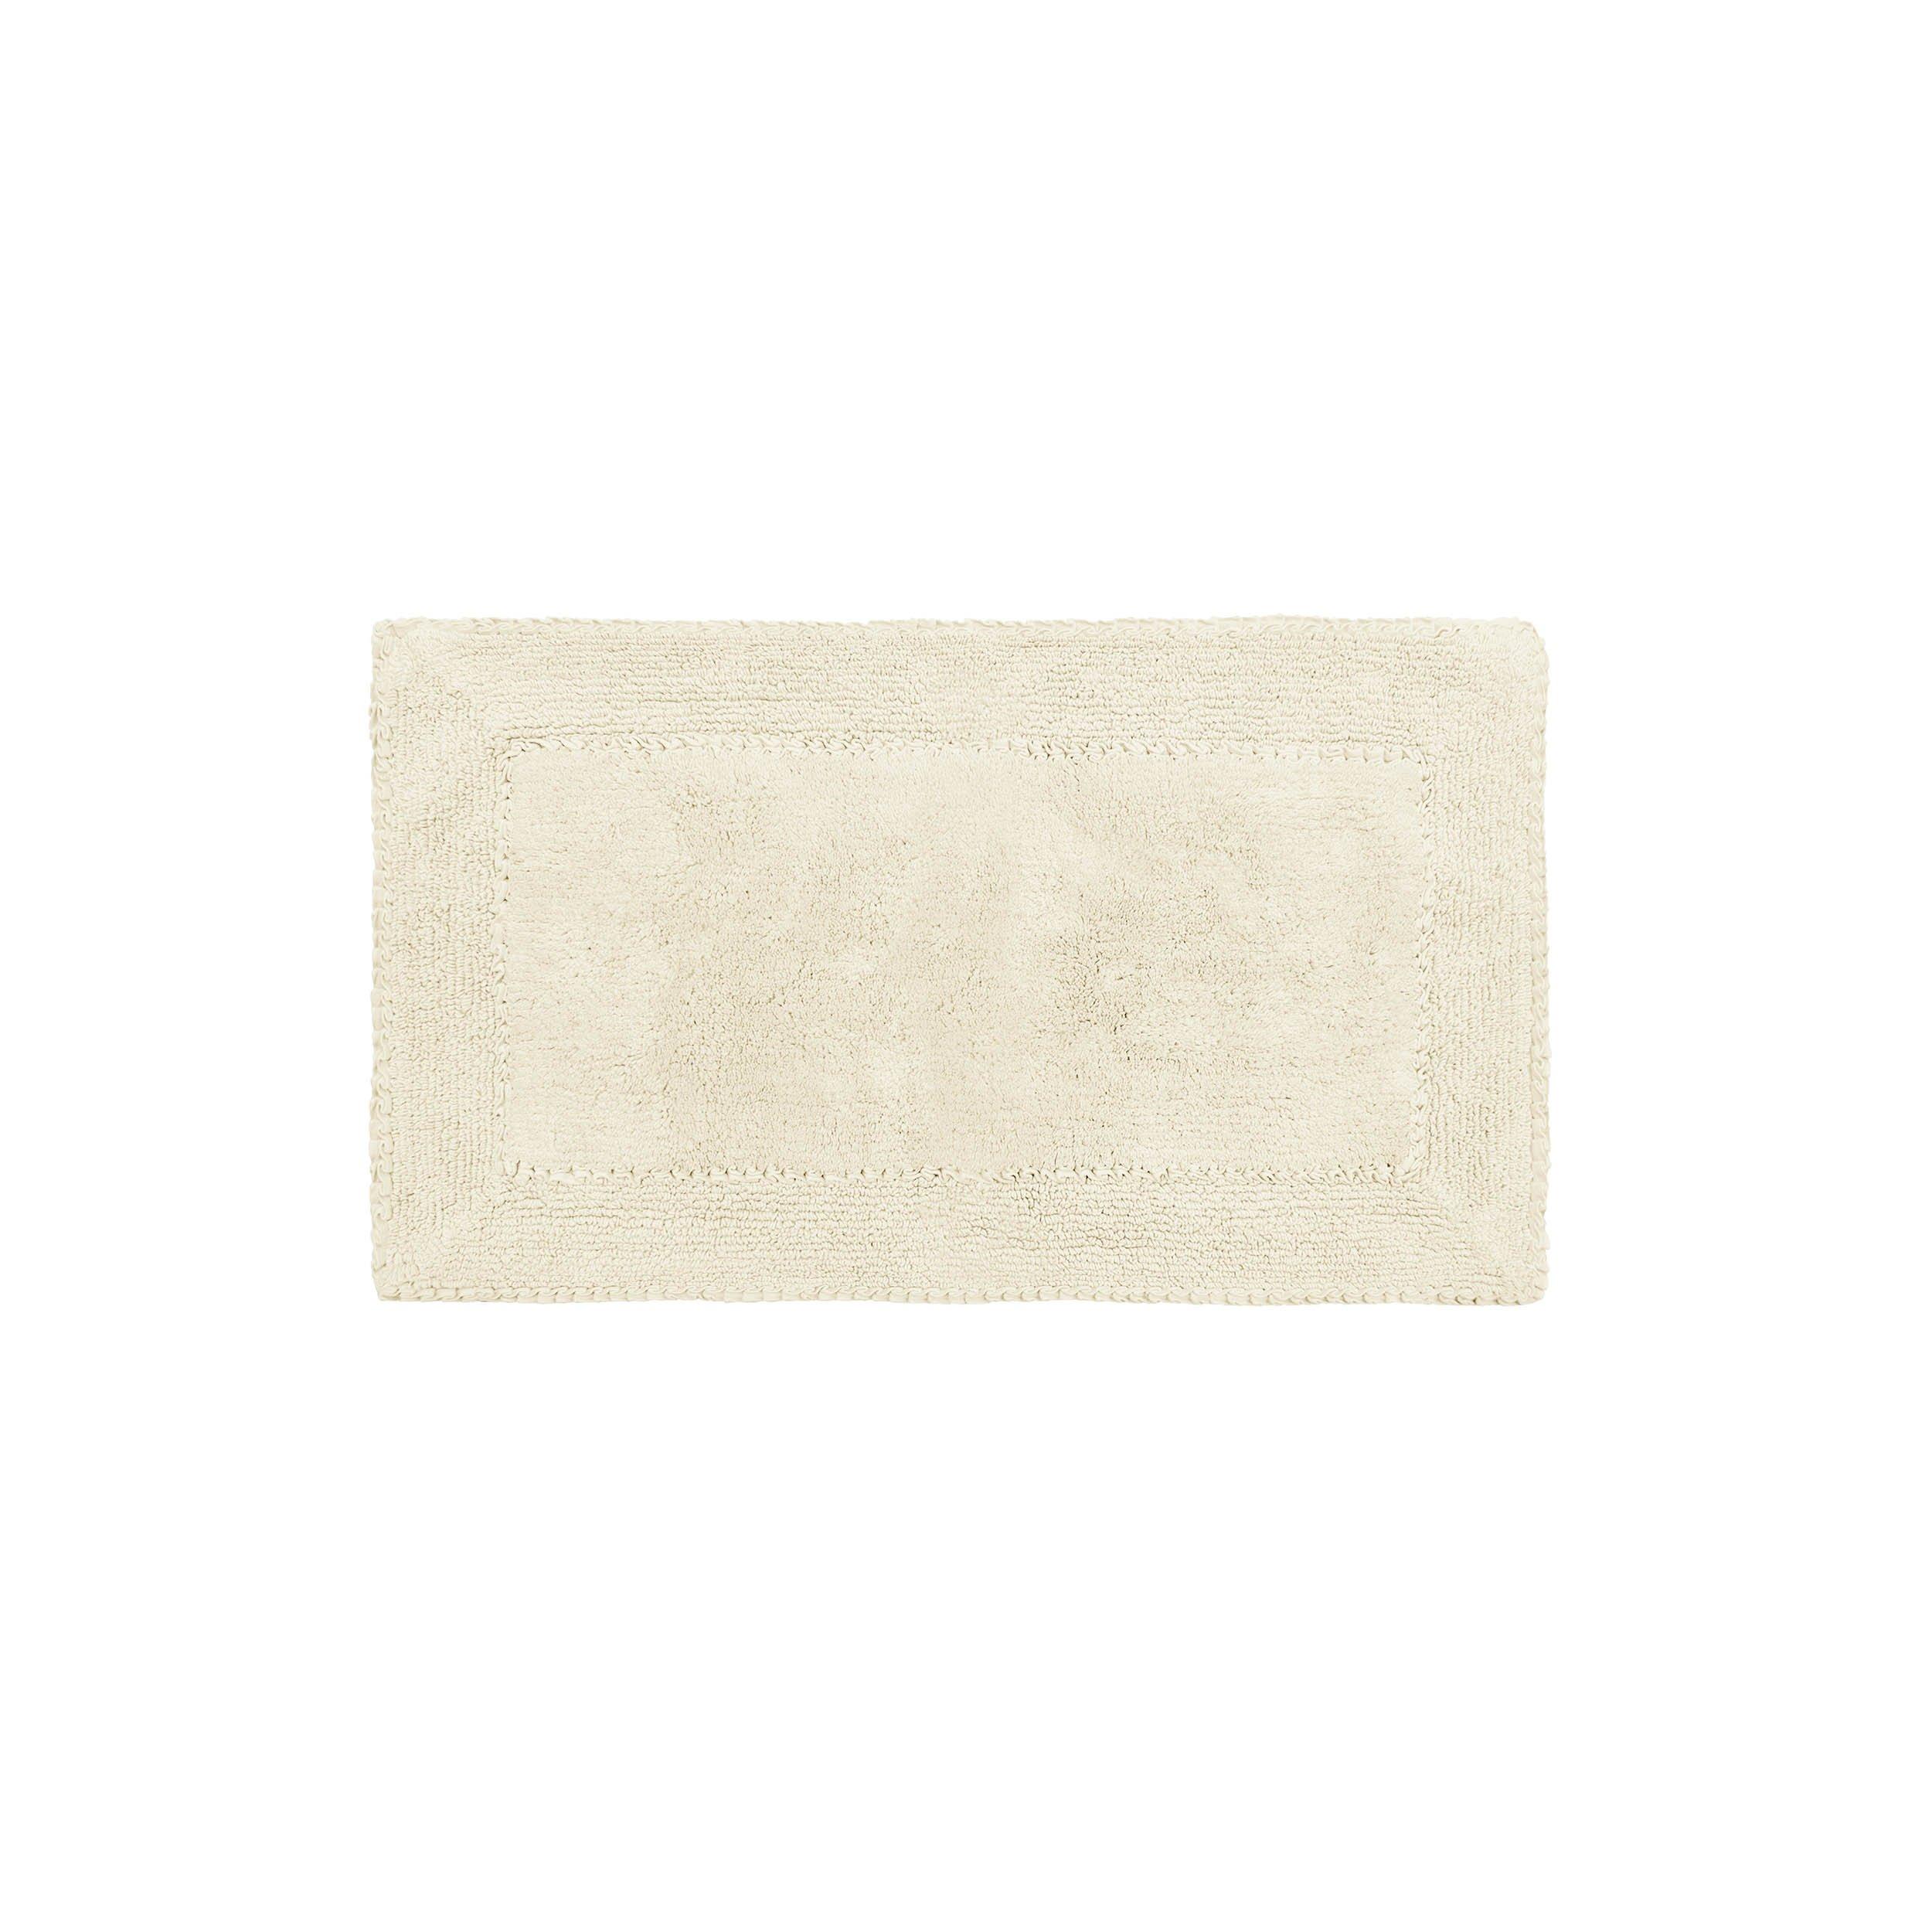 Laura Ashley Ruffle Cotton 17'' x 24'' Bath Rug, Ivory